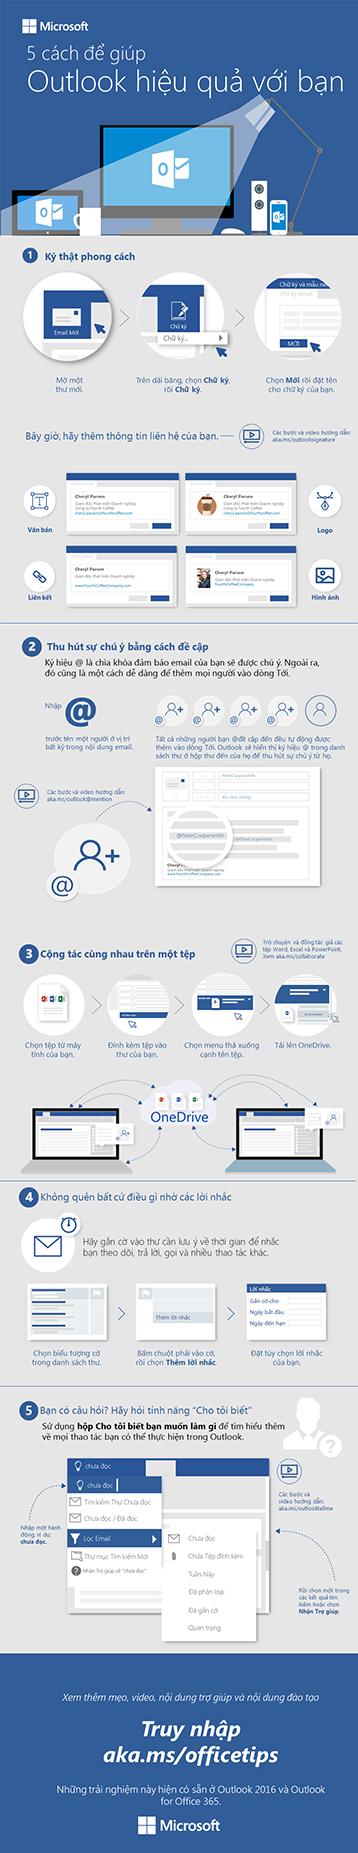 5 bước để gửi email vui hơn trong Outlook 2016